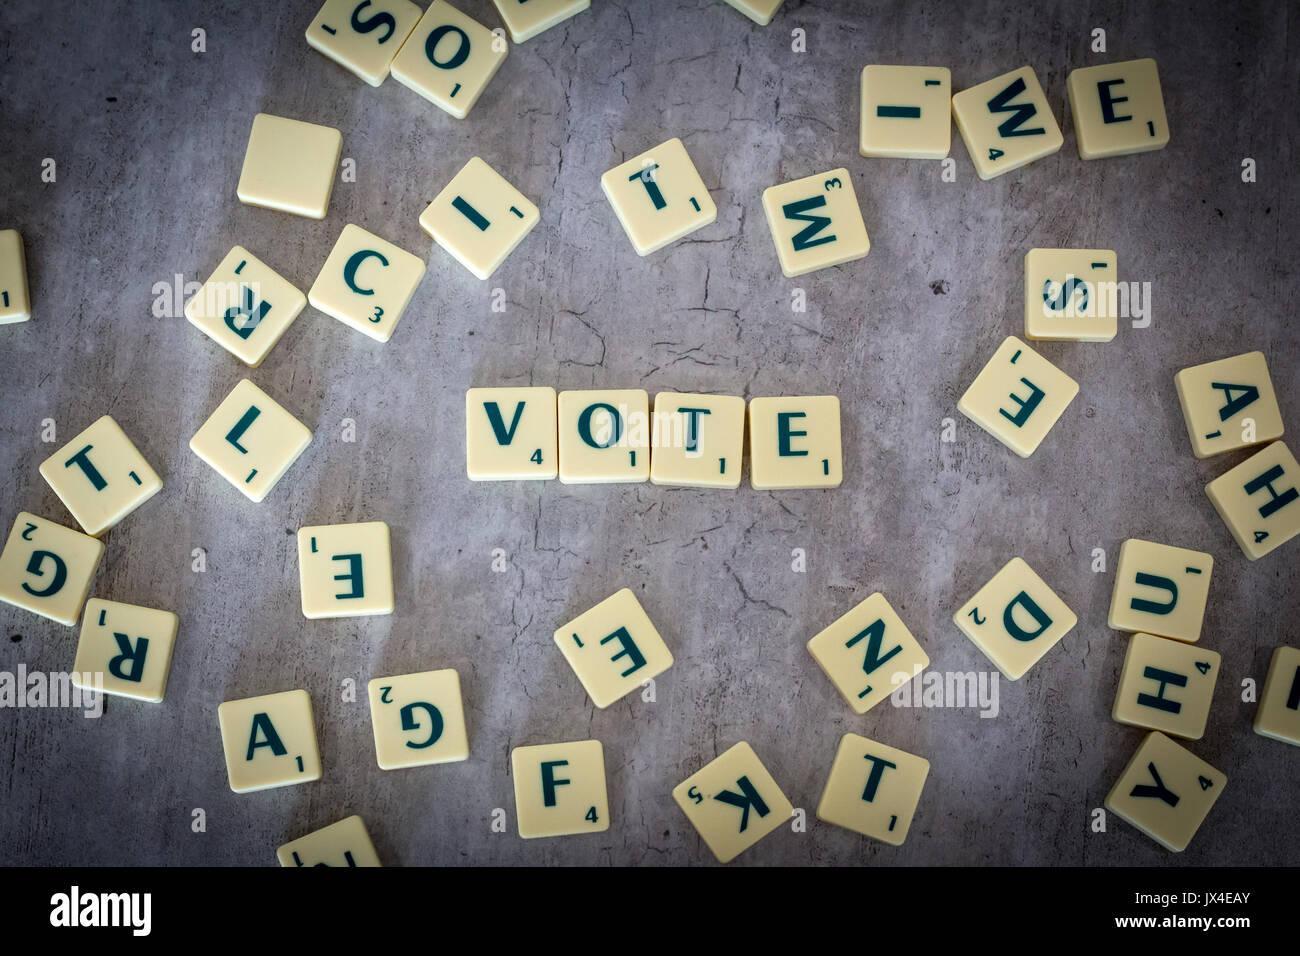 Scrabble Letters Alphabet Stock Photos Scrabble Letters Alphabet